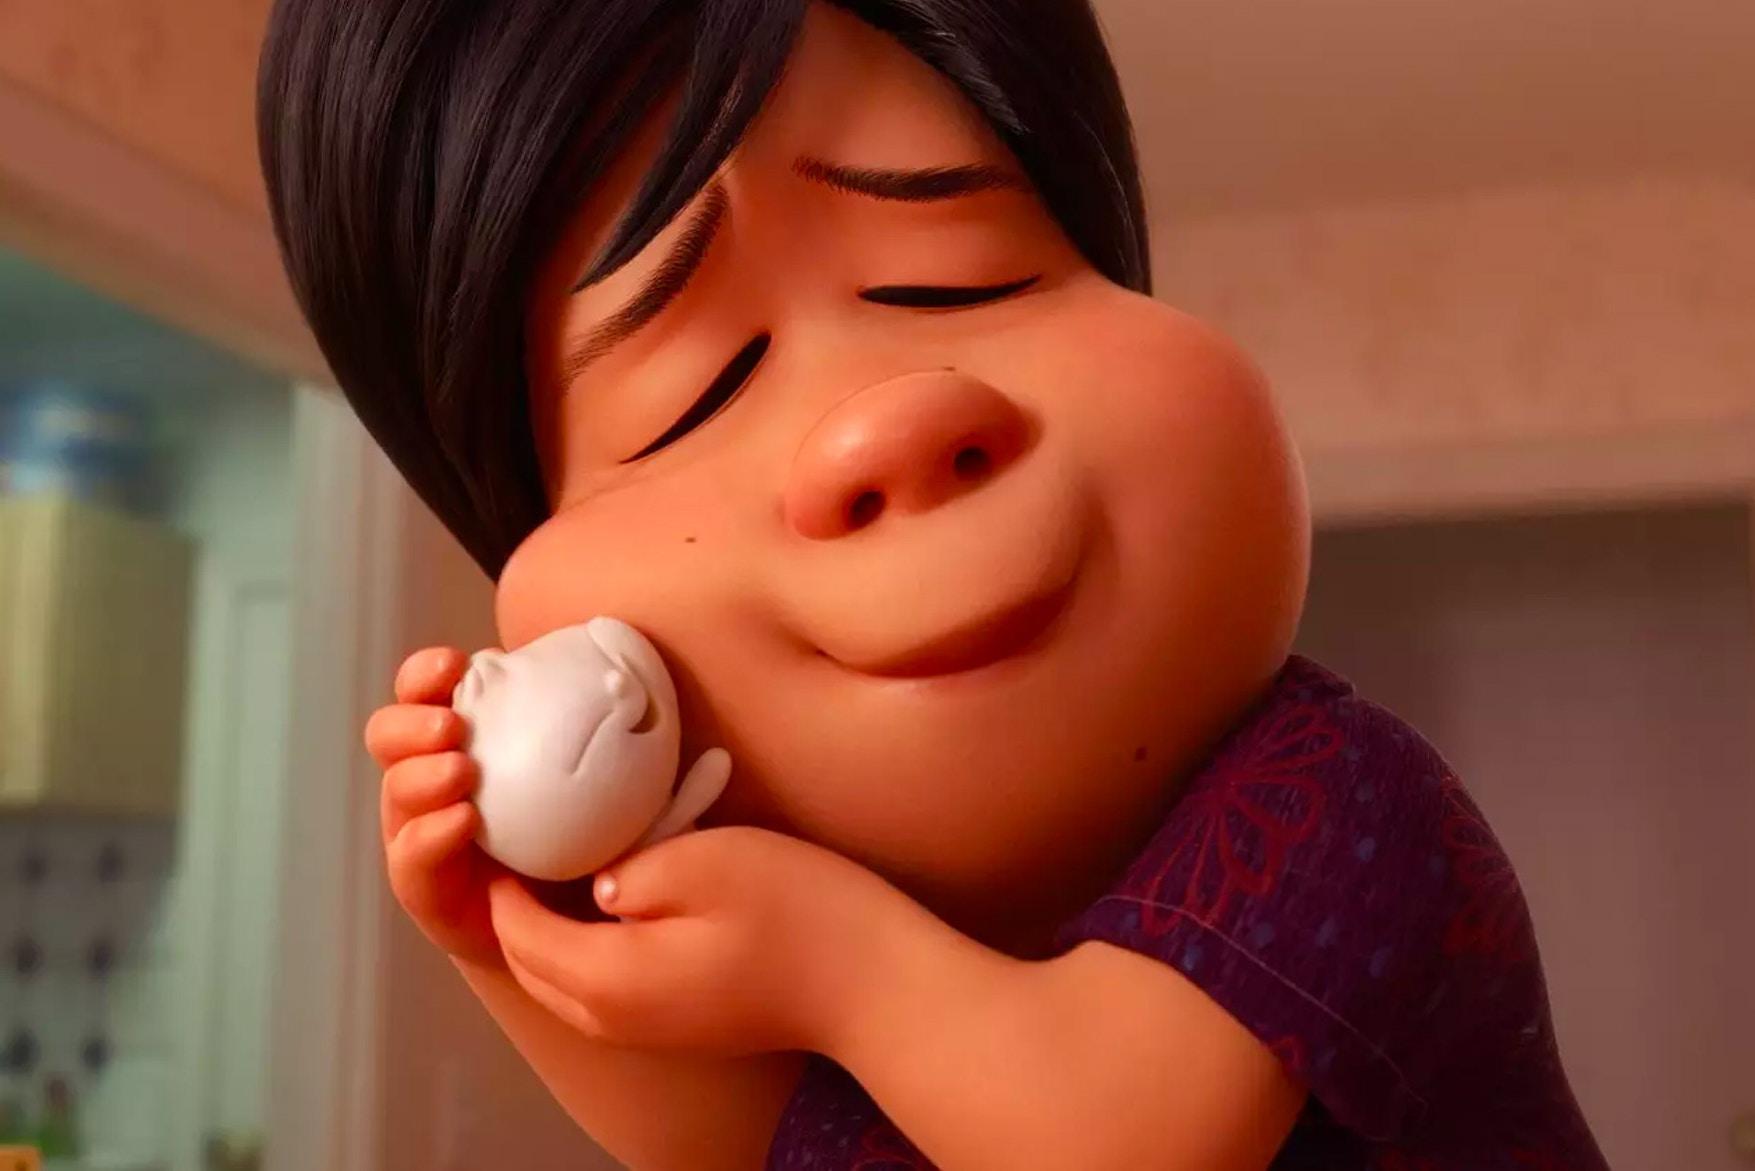 BAO, il nuovo corto Pixar che parla di famiglia | Collater.al 1